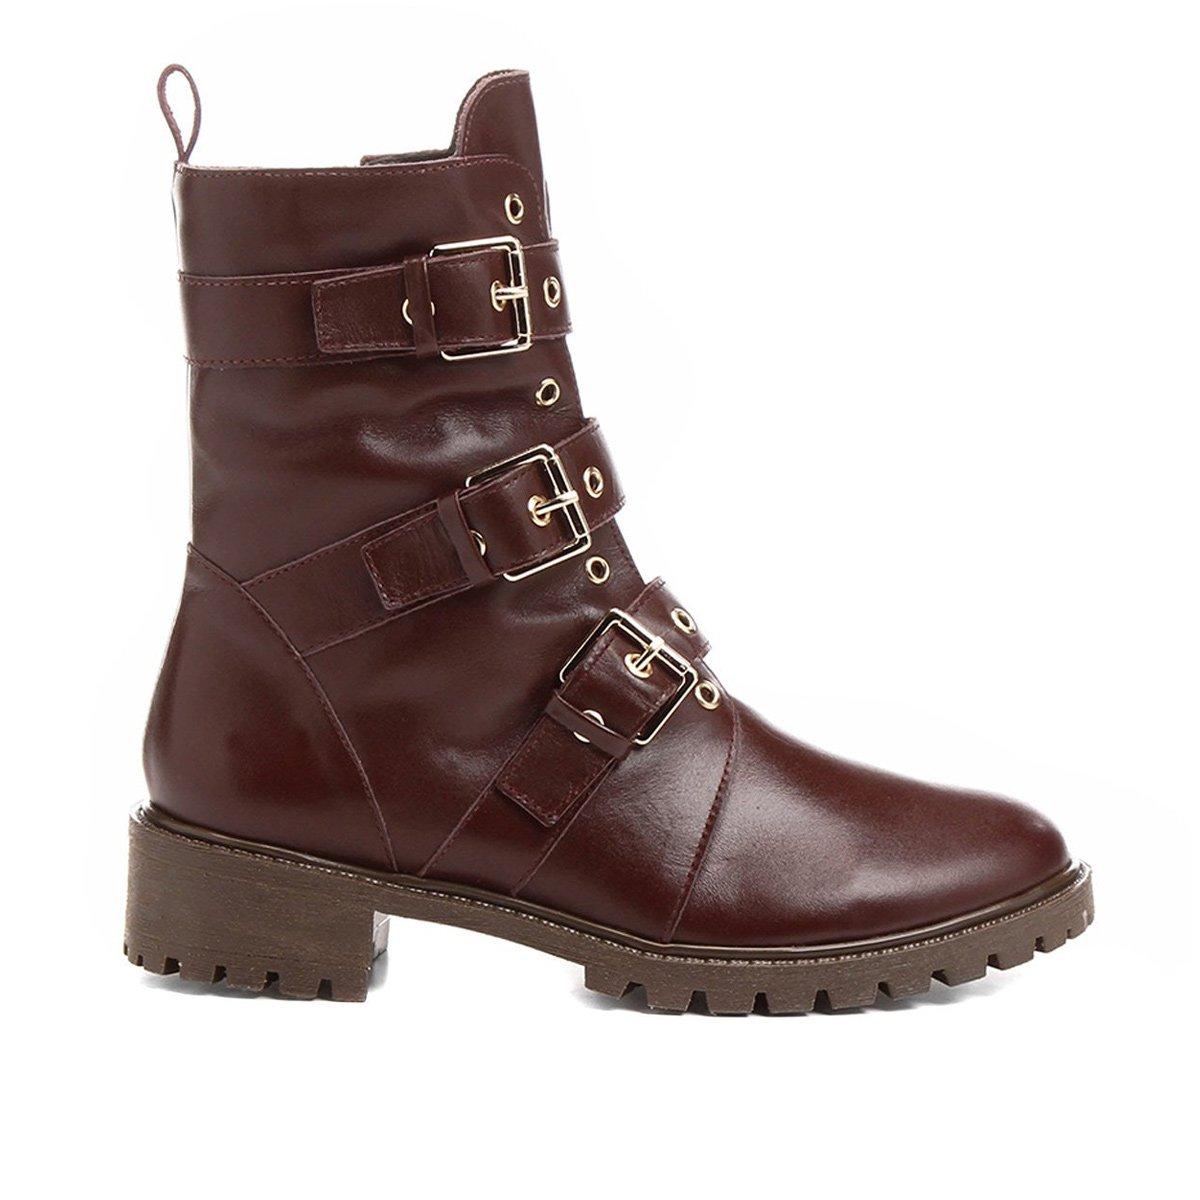 Bota Couro Coturno Shoestock Fivelas Feminina - Compre Agora  fdc5e88791424